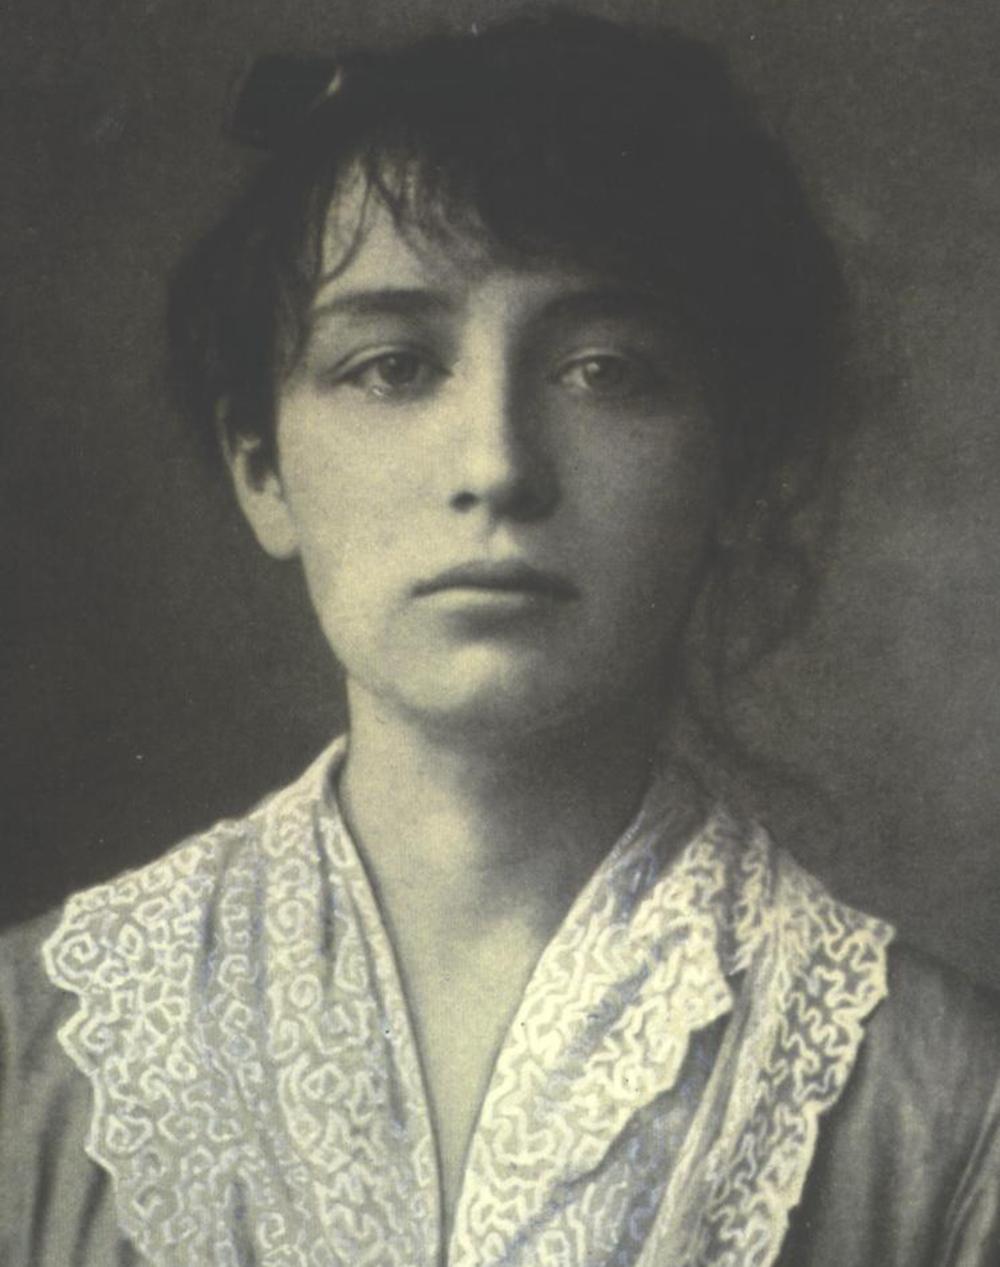 Camille Claudel, c. 1884.